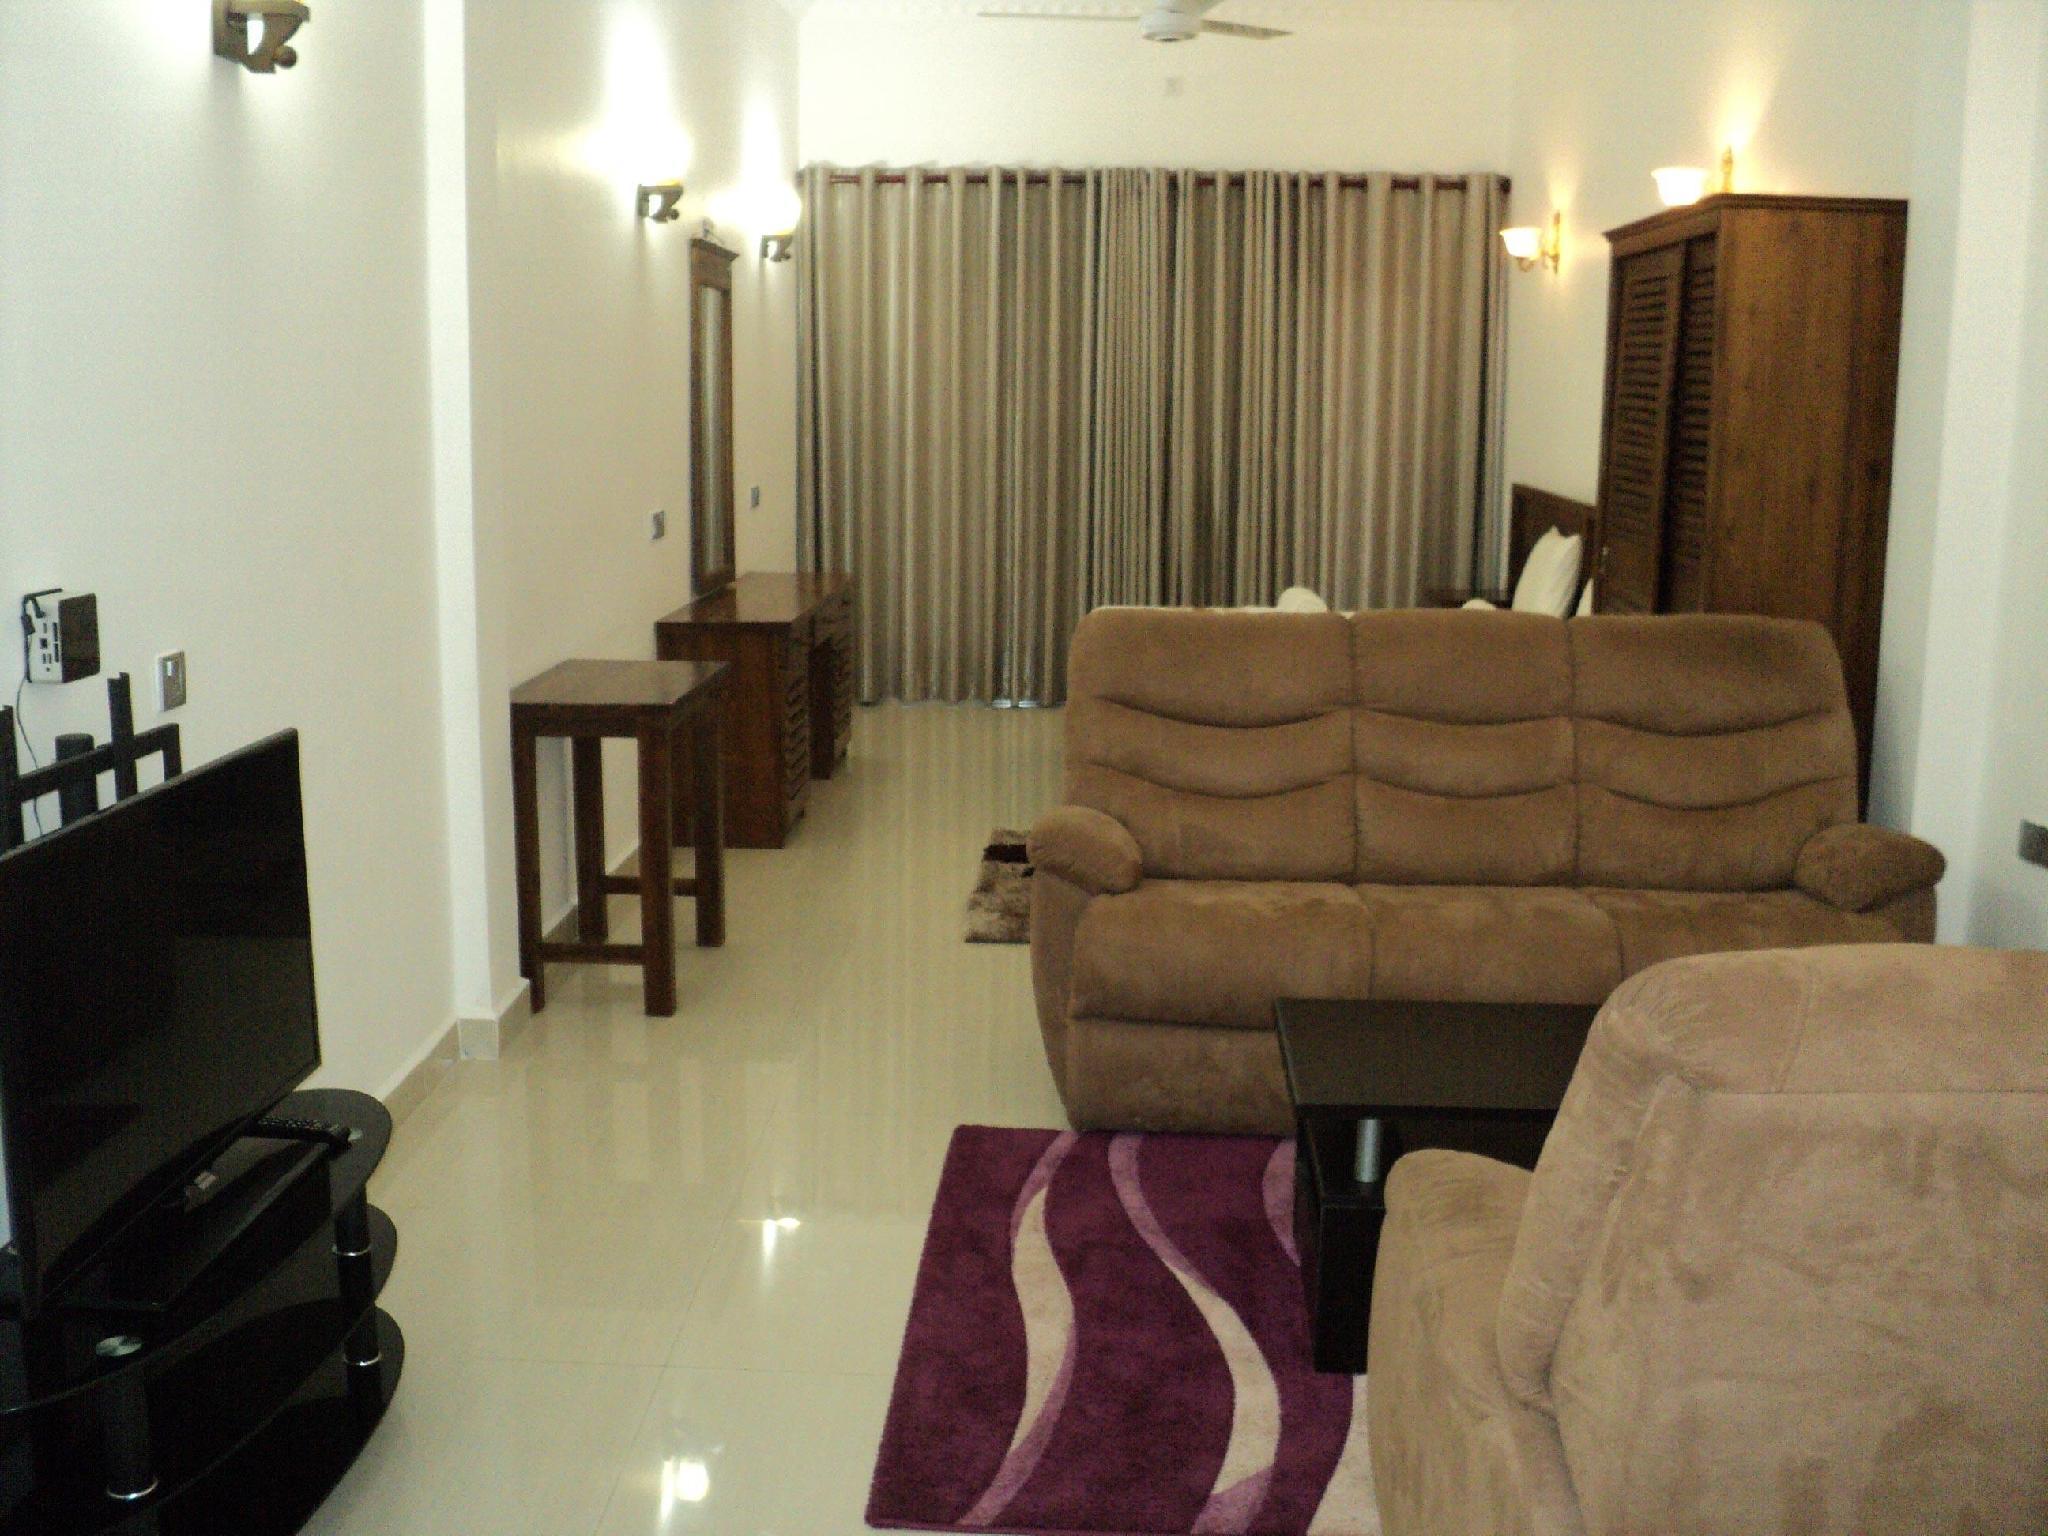 U.S Hotel, Jaffna